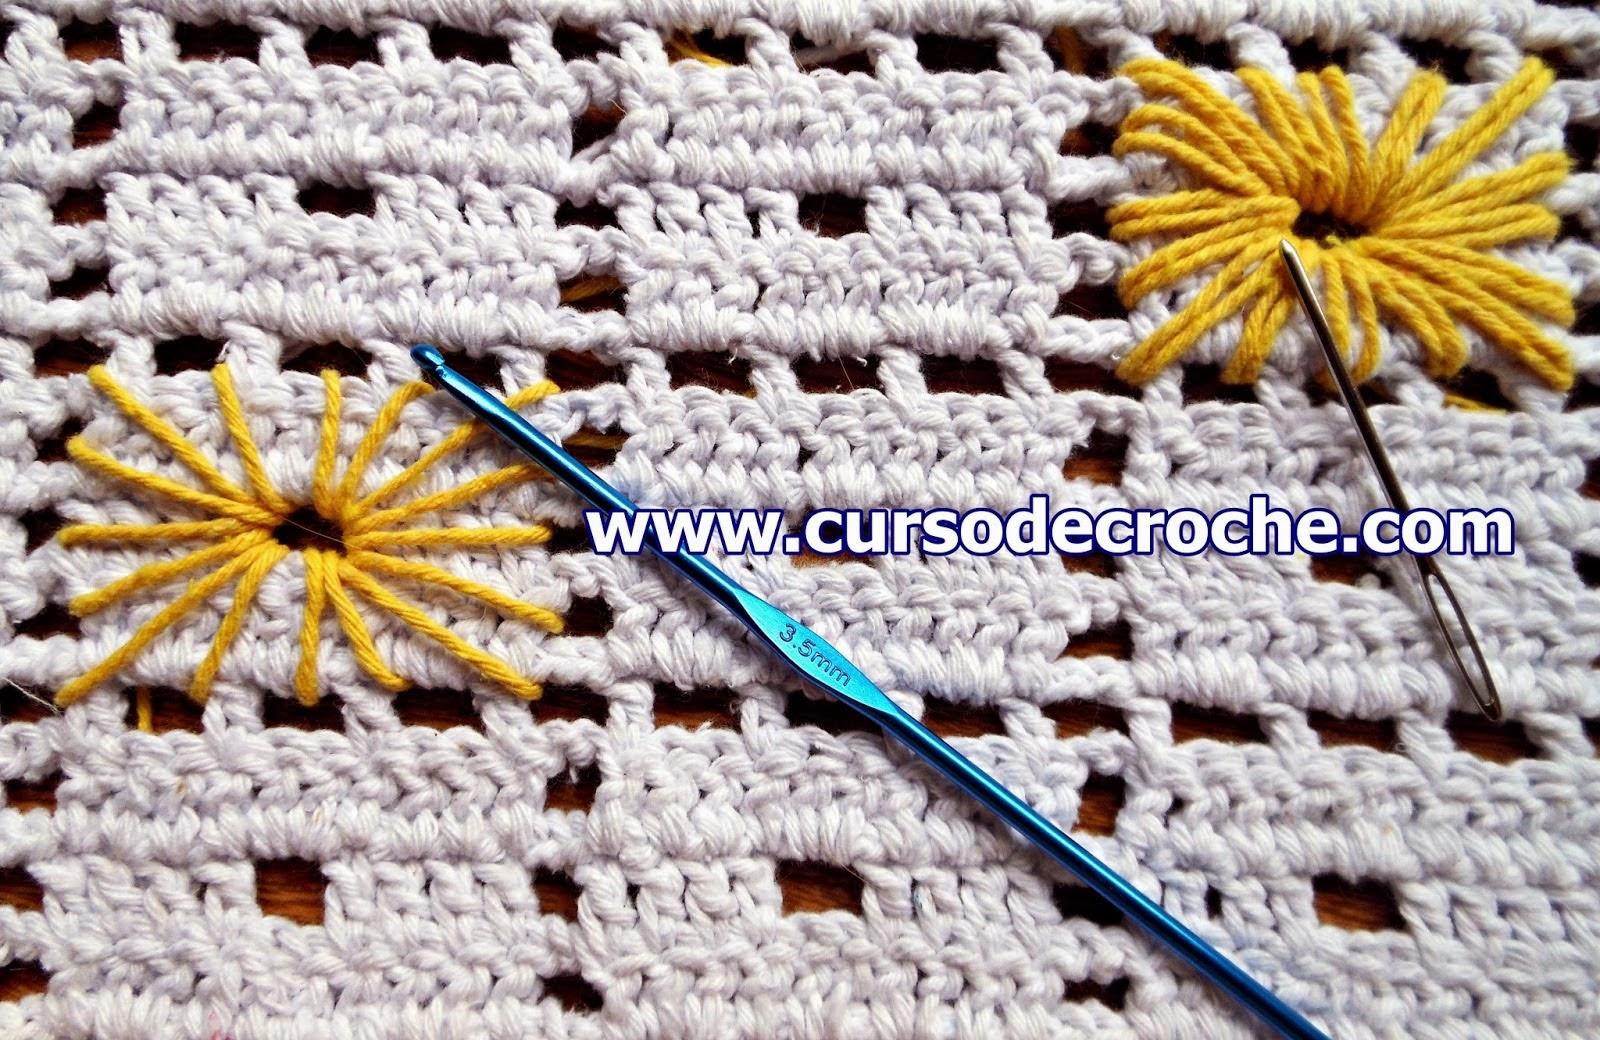 dvd coleção aprendi e ensinei com edinir-croche na loja curso de croche com frete gratis